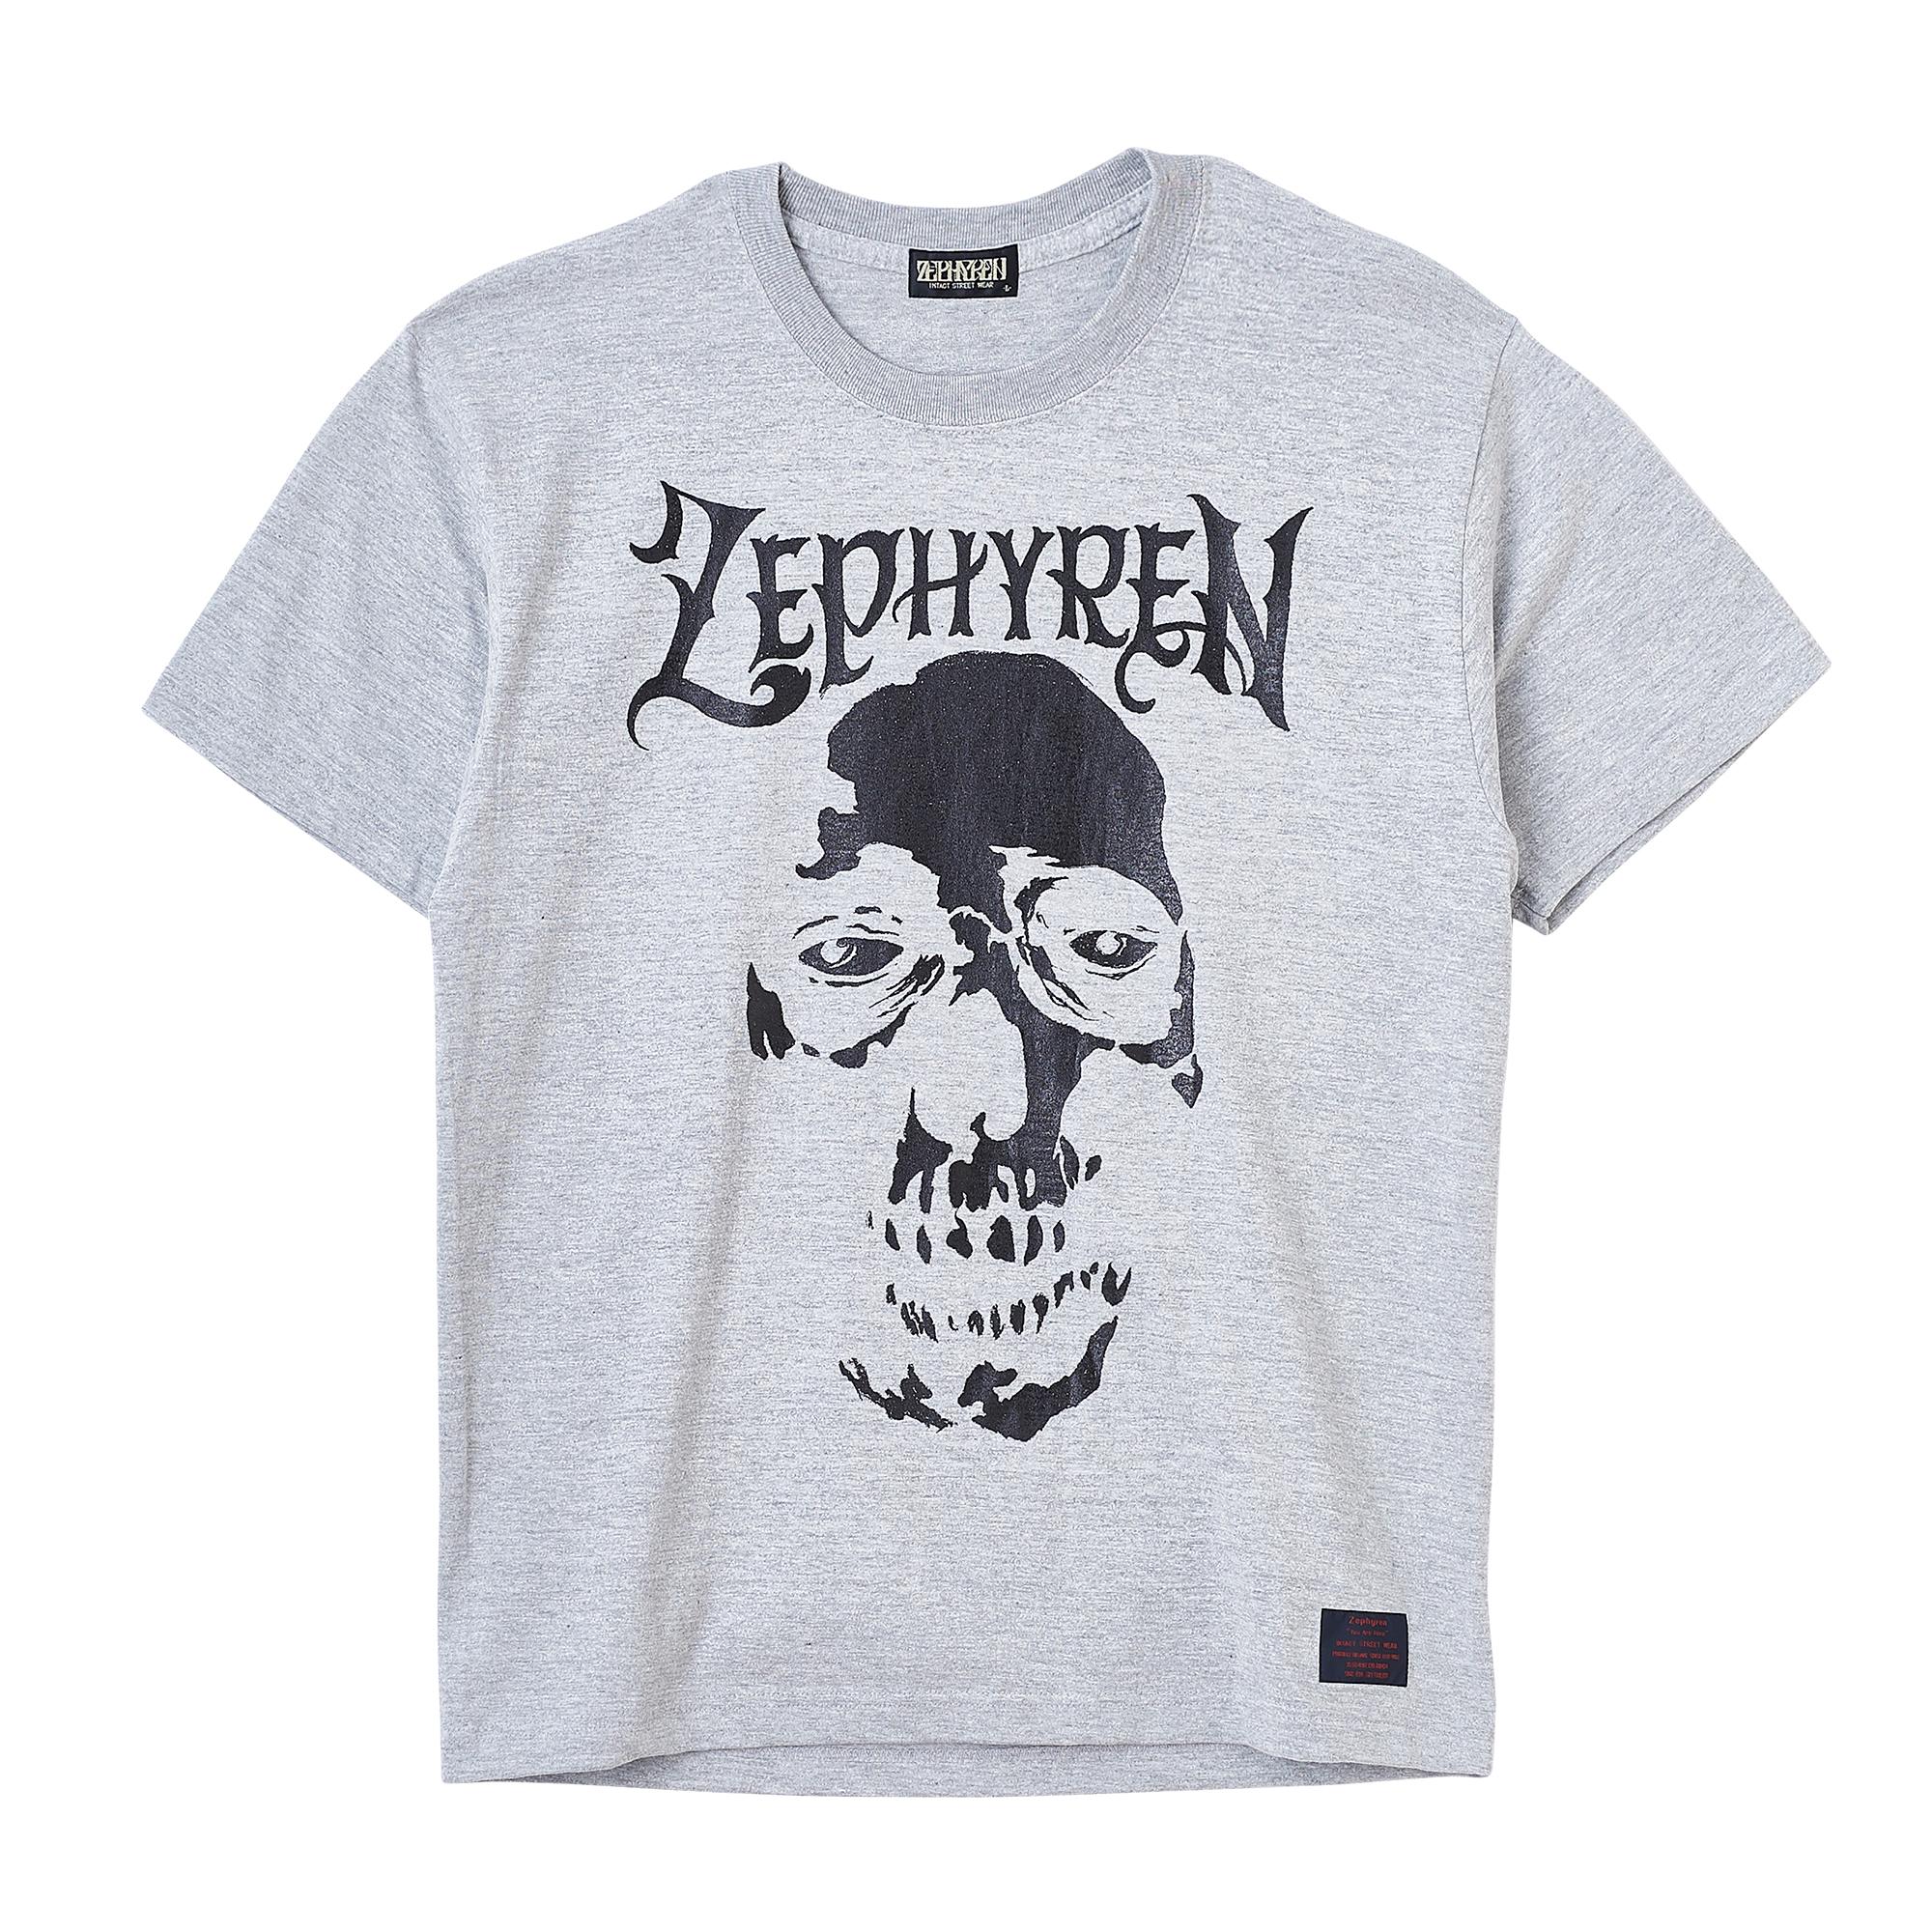 【予約商品】Zephyren(ゼファレン)S/S TEE - SKULL HEAD - GRAY